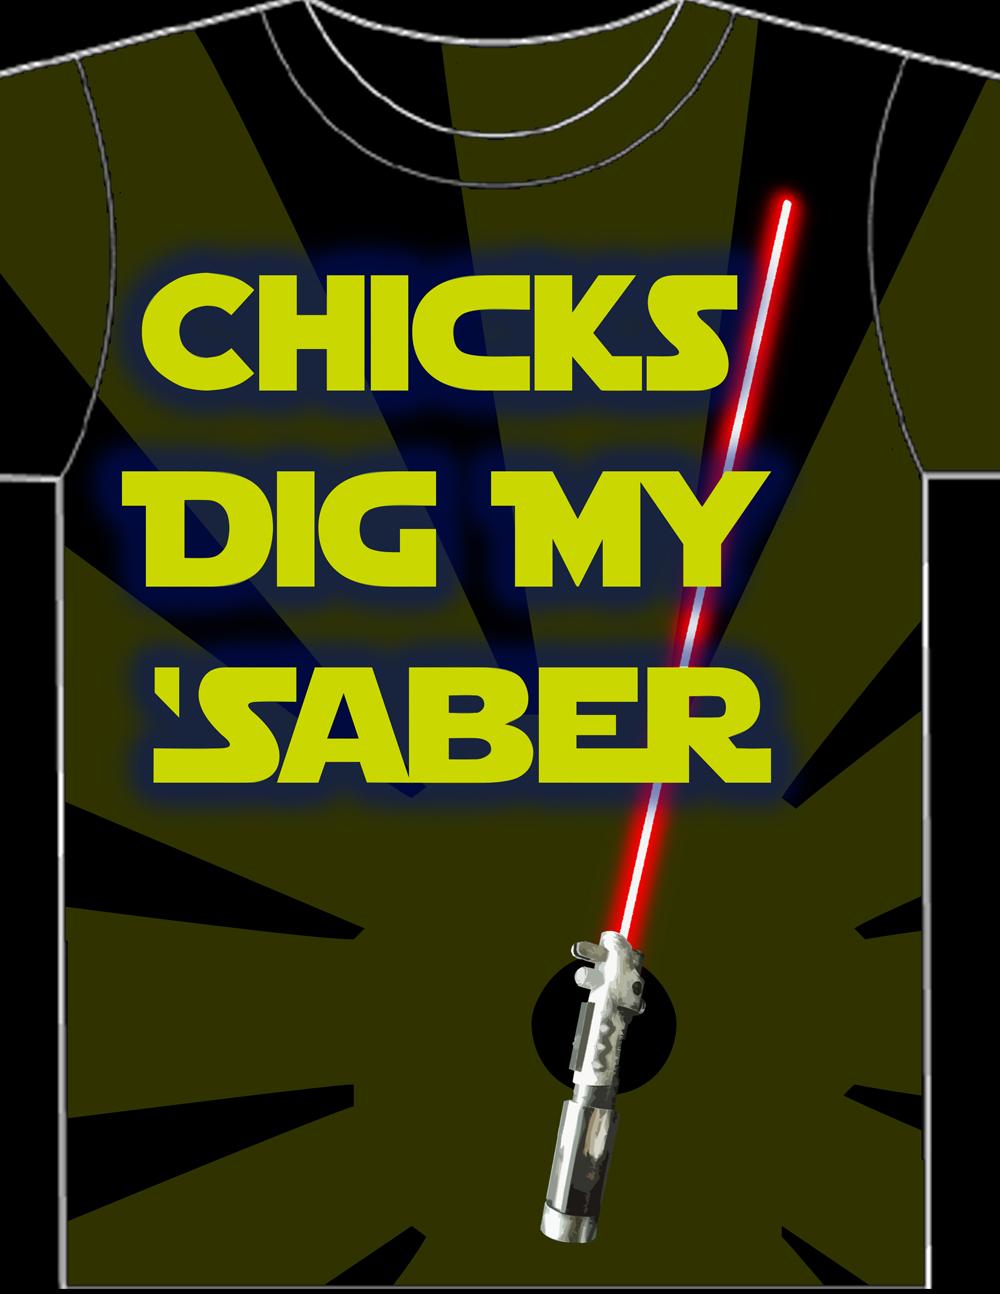 Chicks Dig My Saber